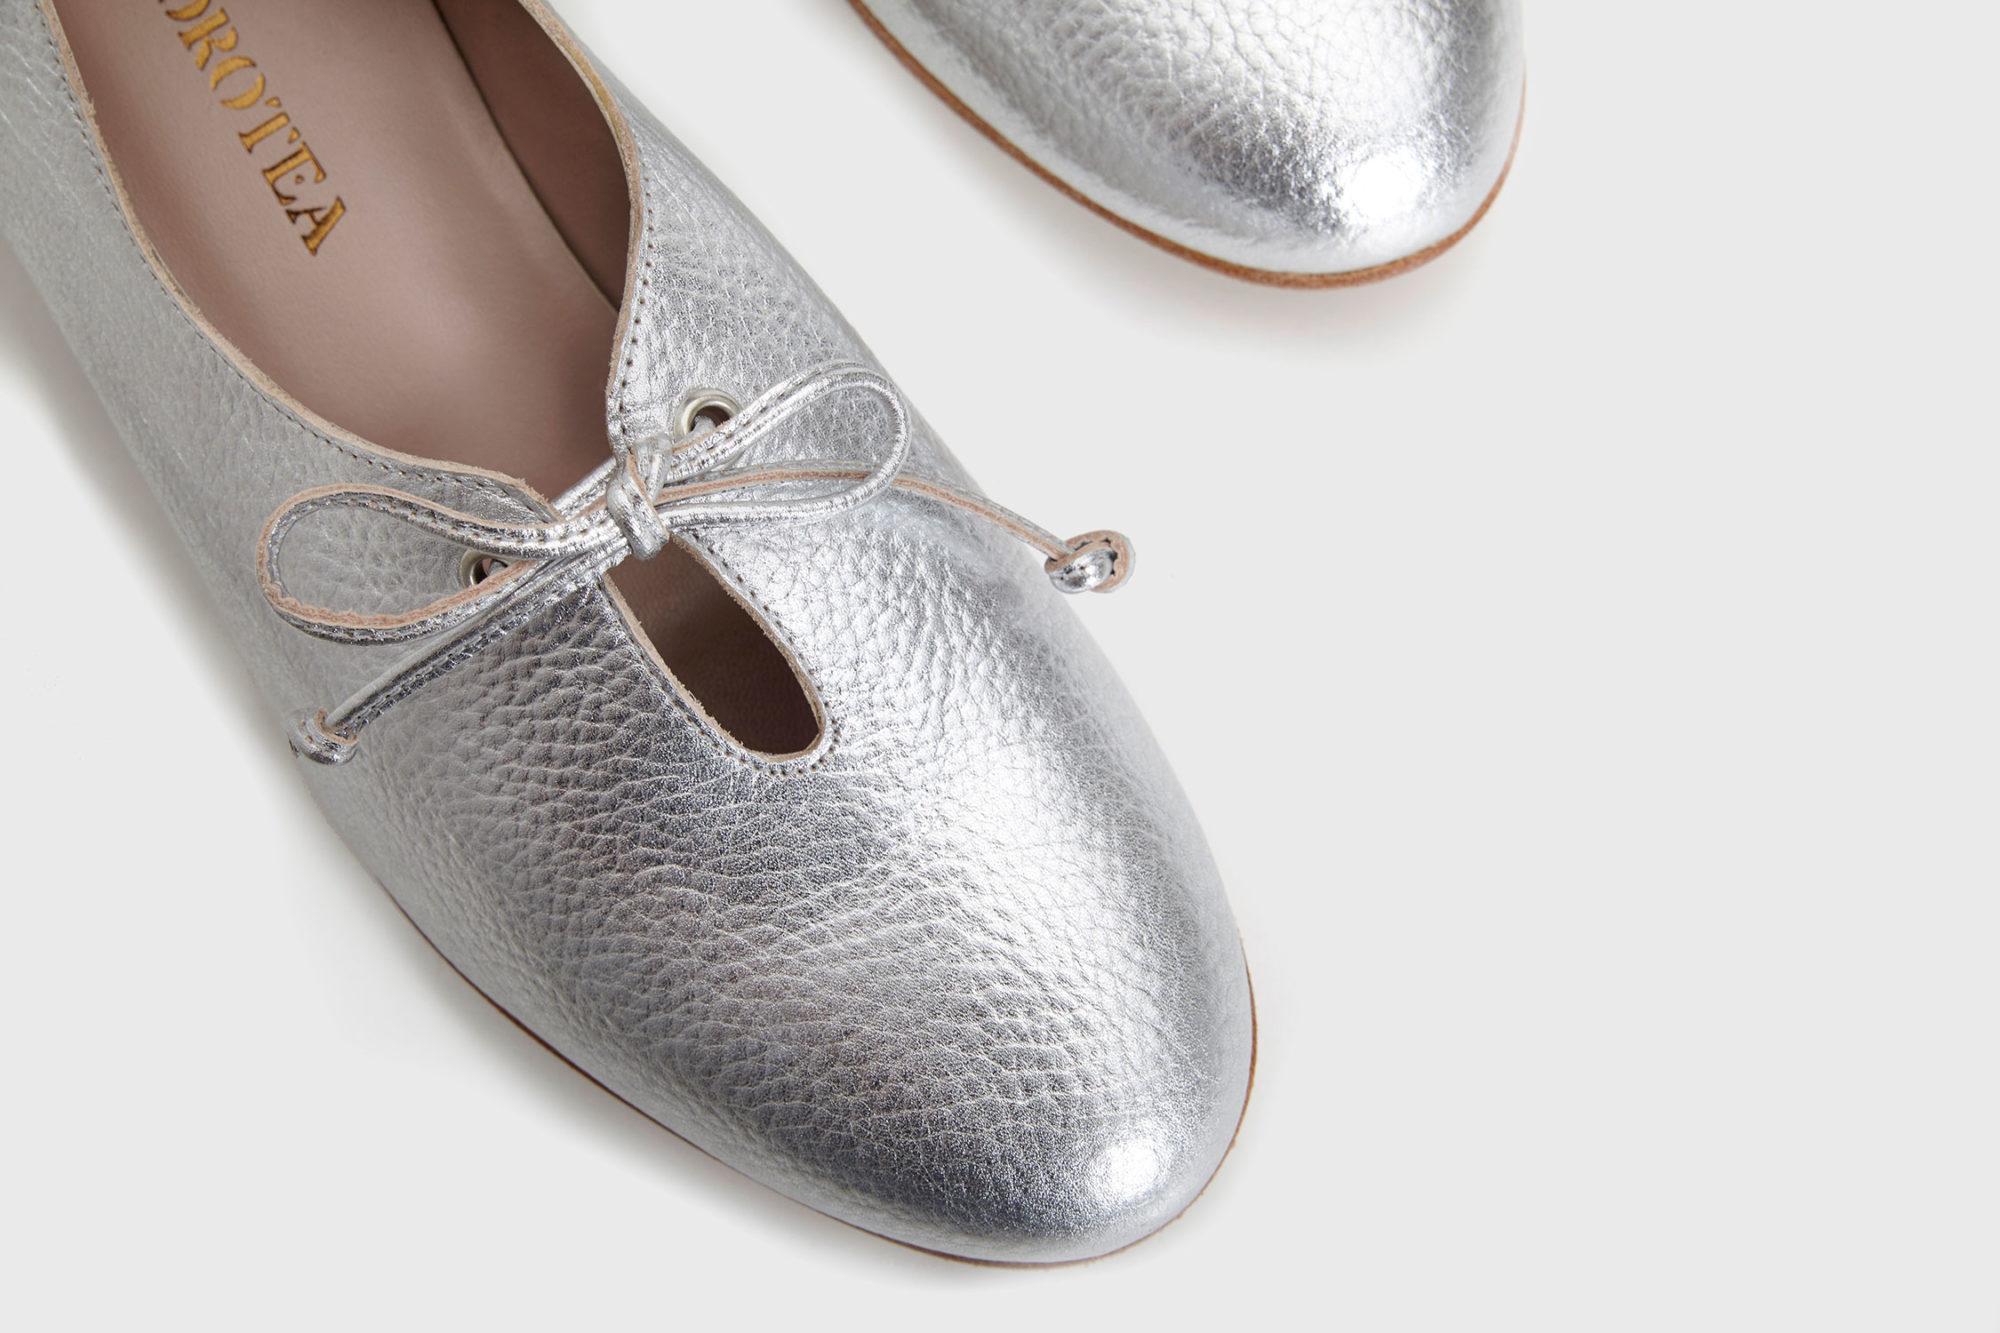 Dorotea zapato de cordones Carrie plateado ss17 detalle